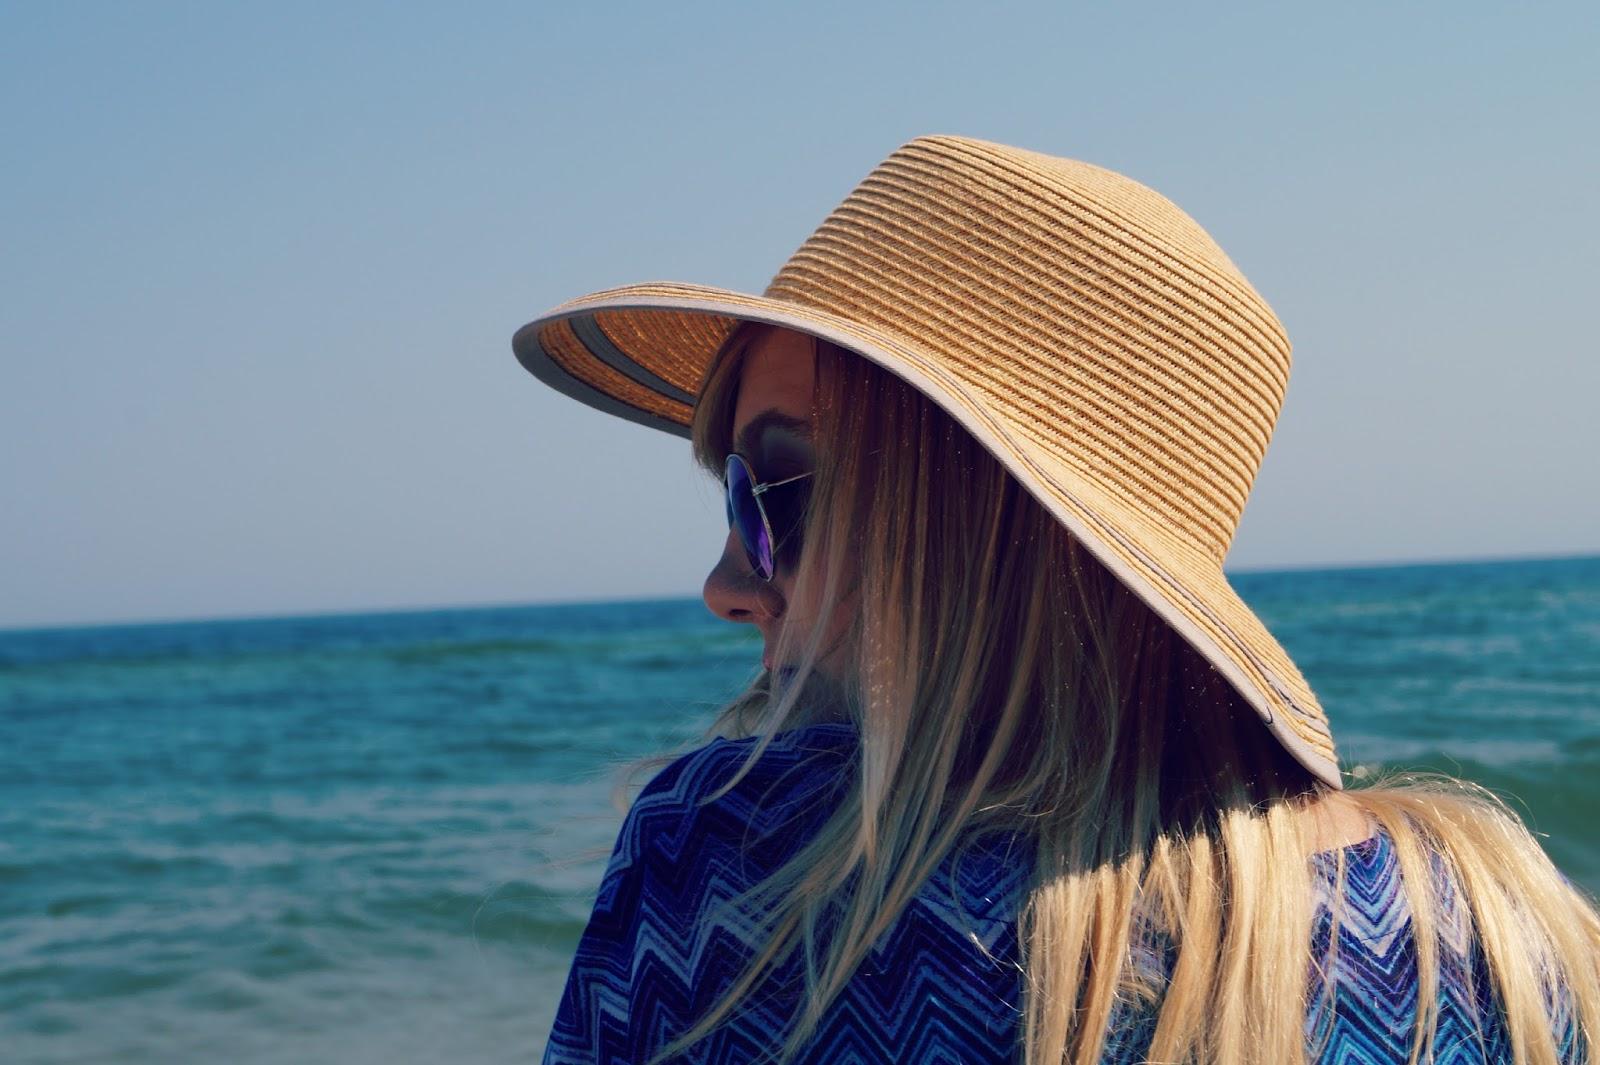 41. Beach dress